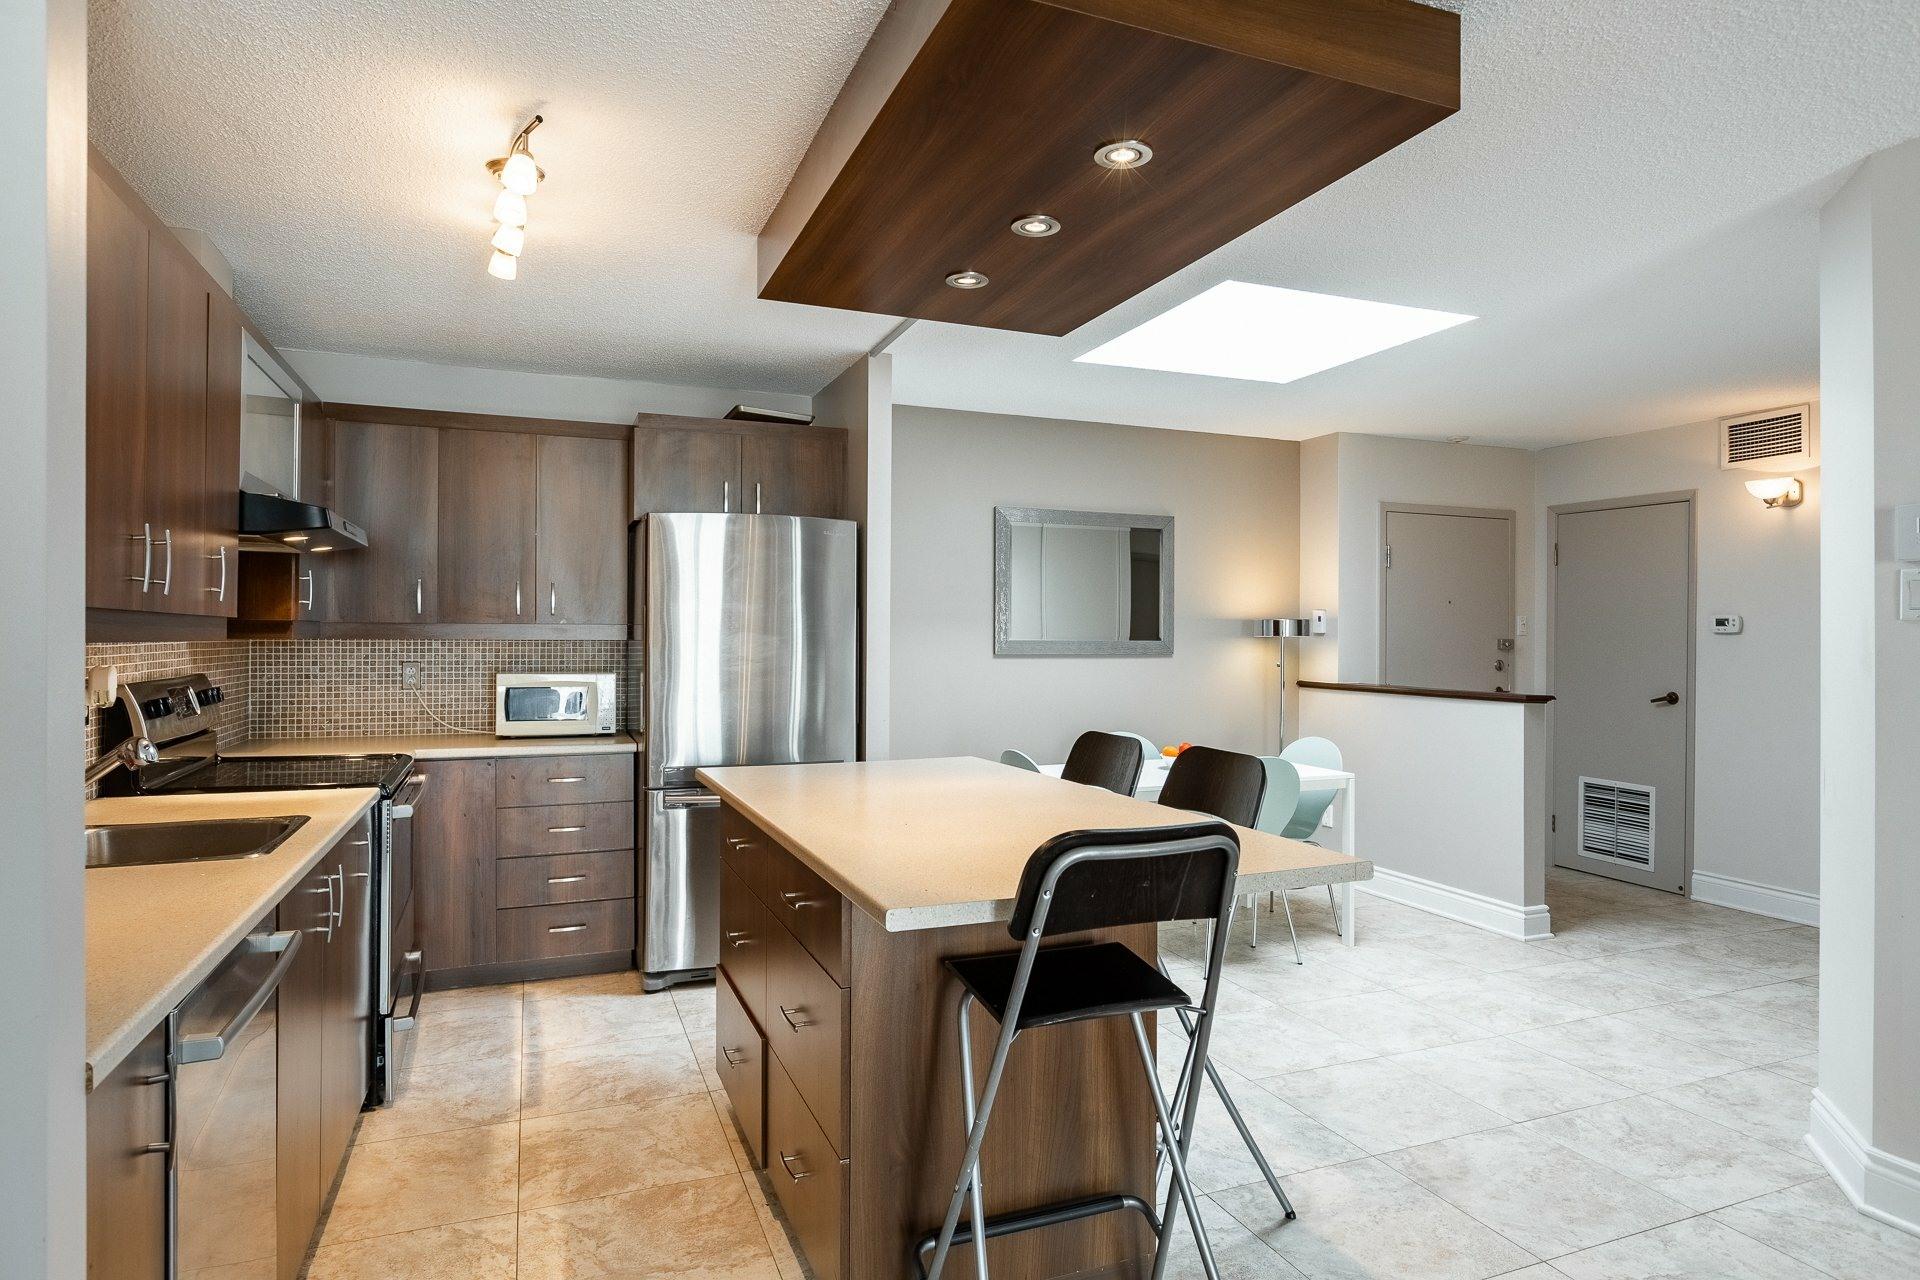 image 10 - Appartement À vendre Montréal Le Plateau-Mont-Royal  - 8 pièces